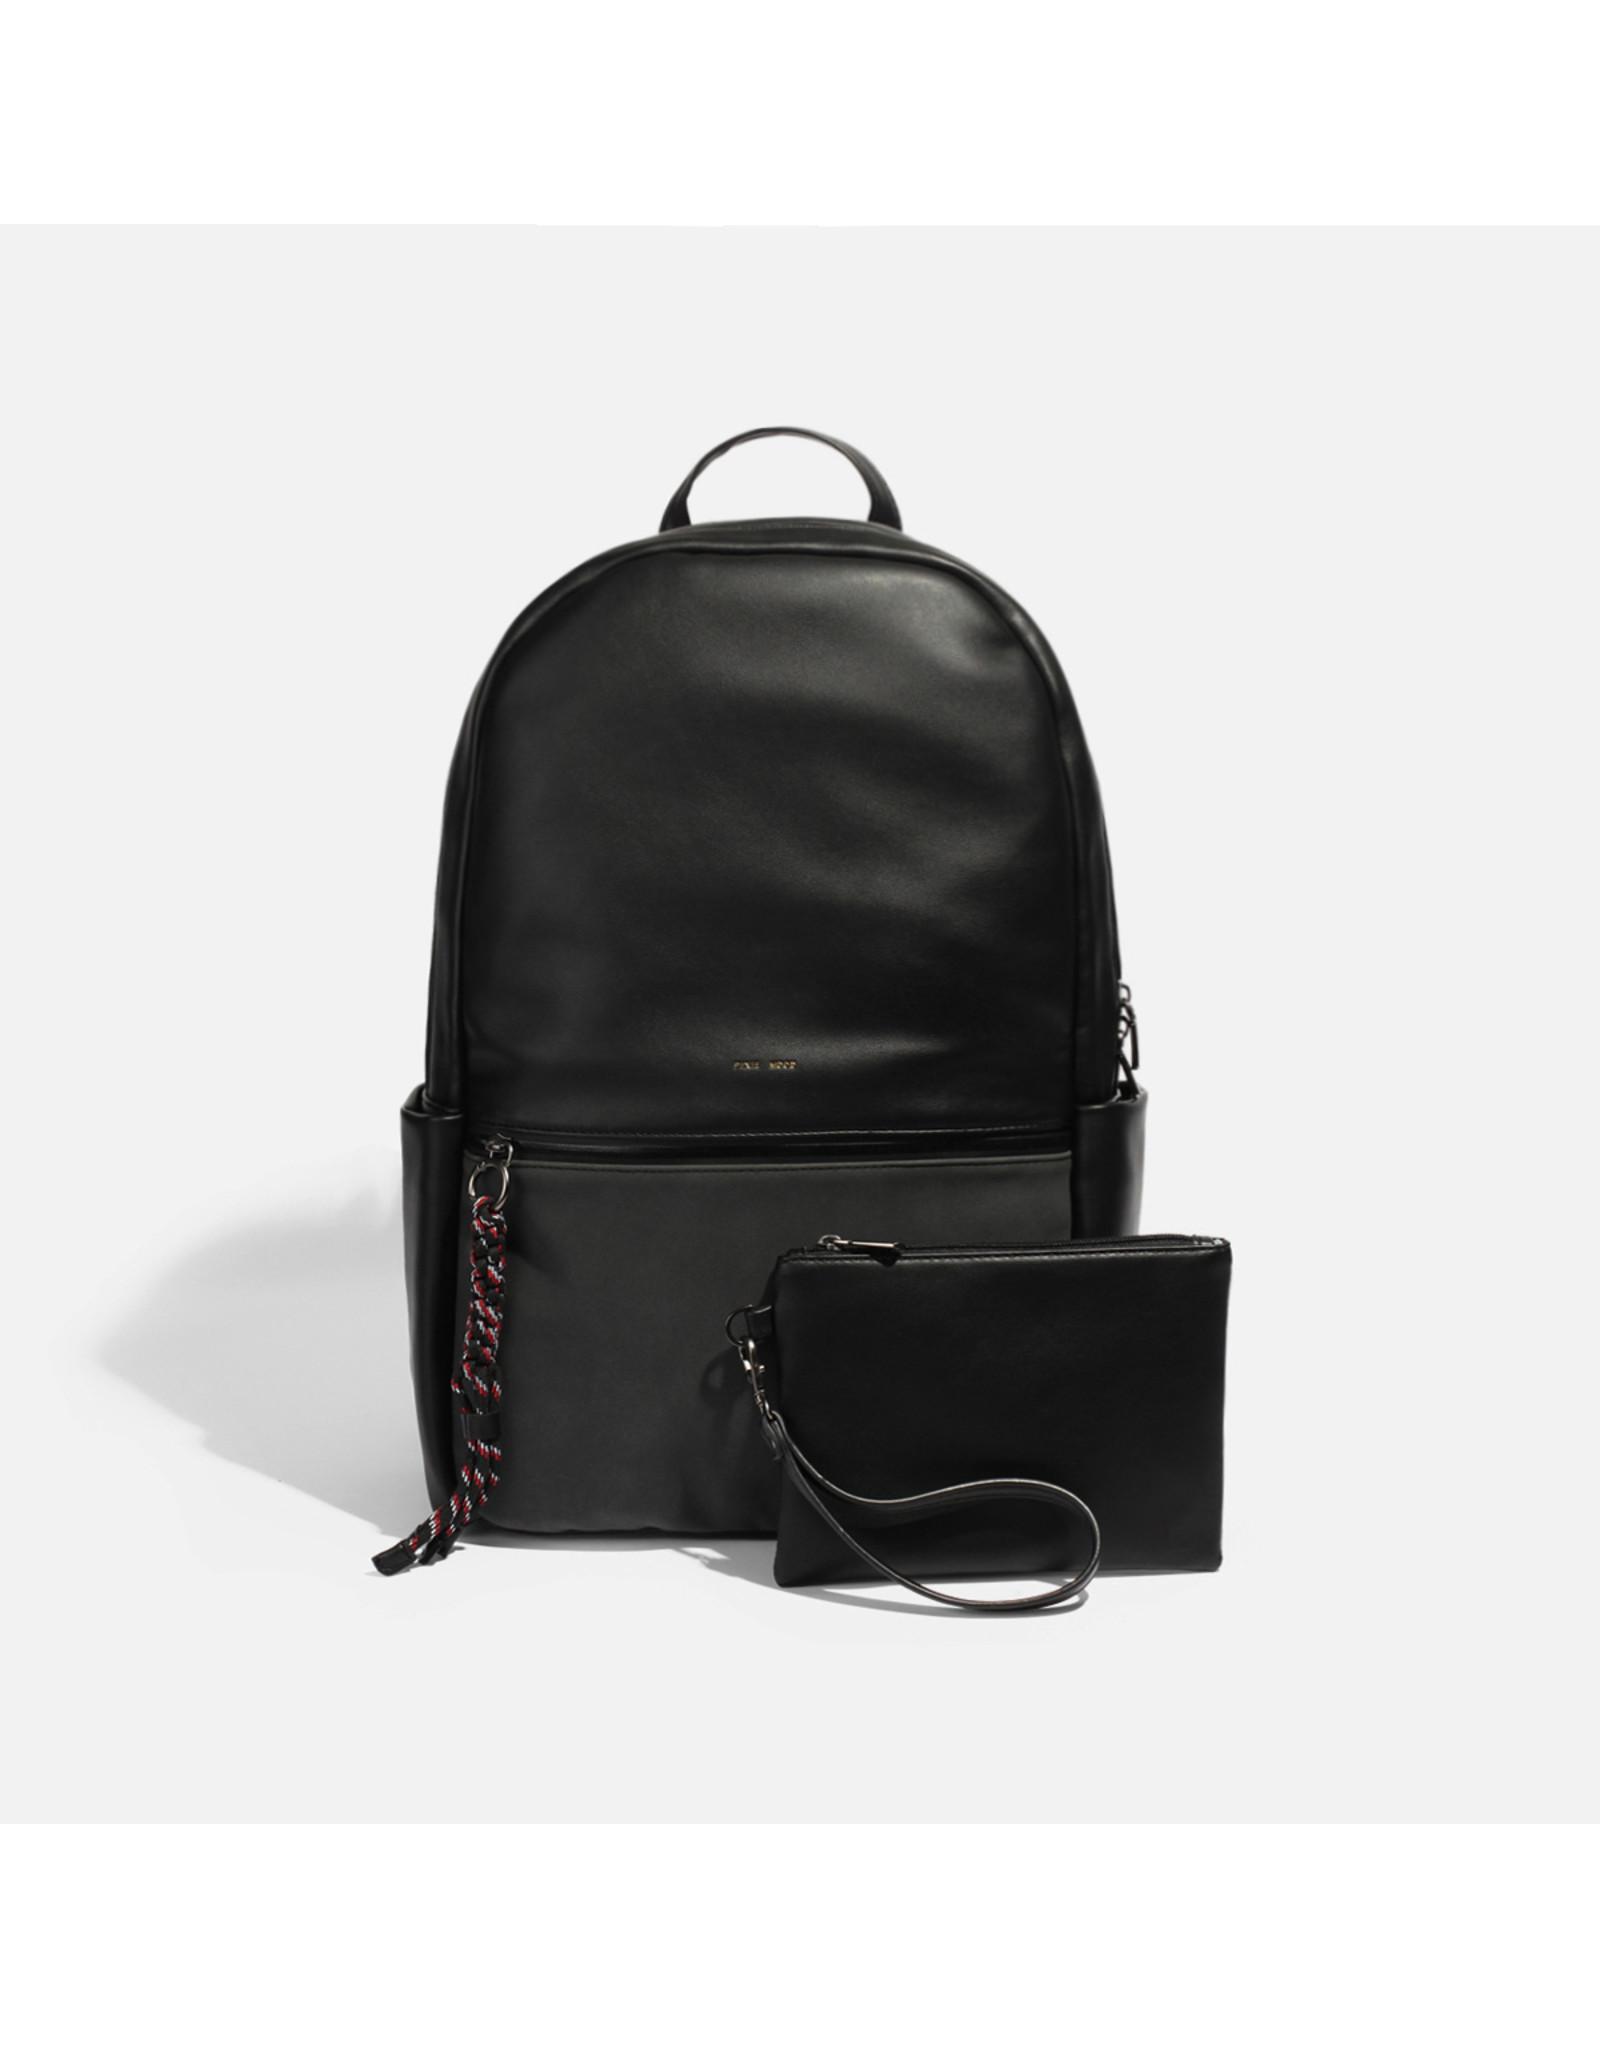 Pixie Mood - Leila Backpack Black